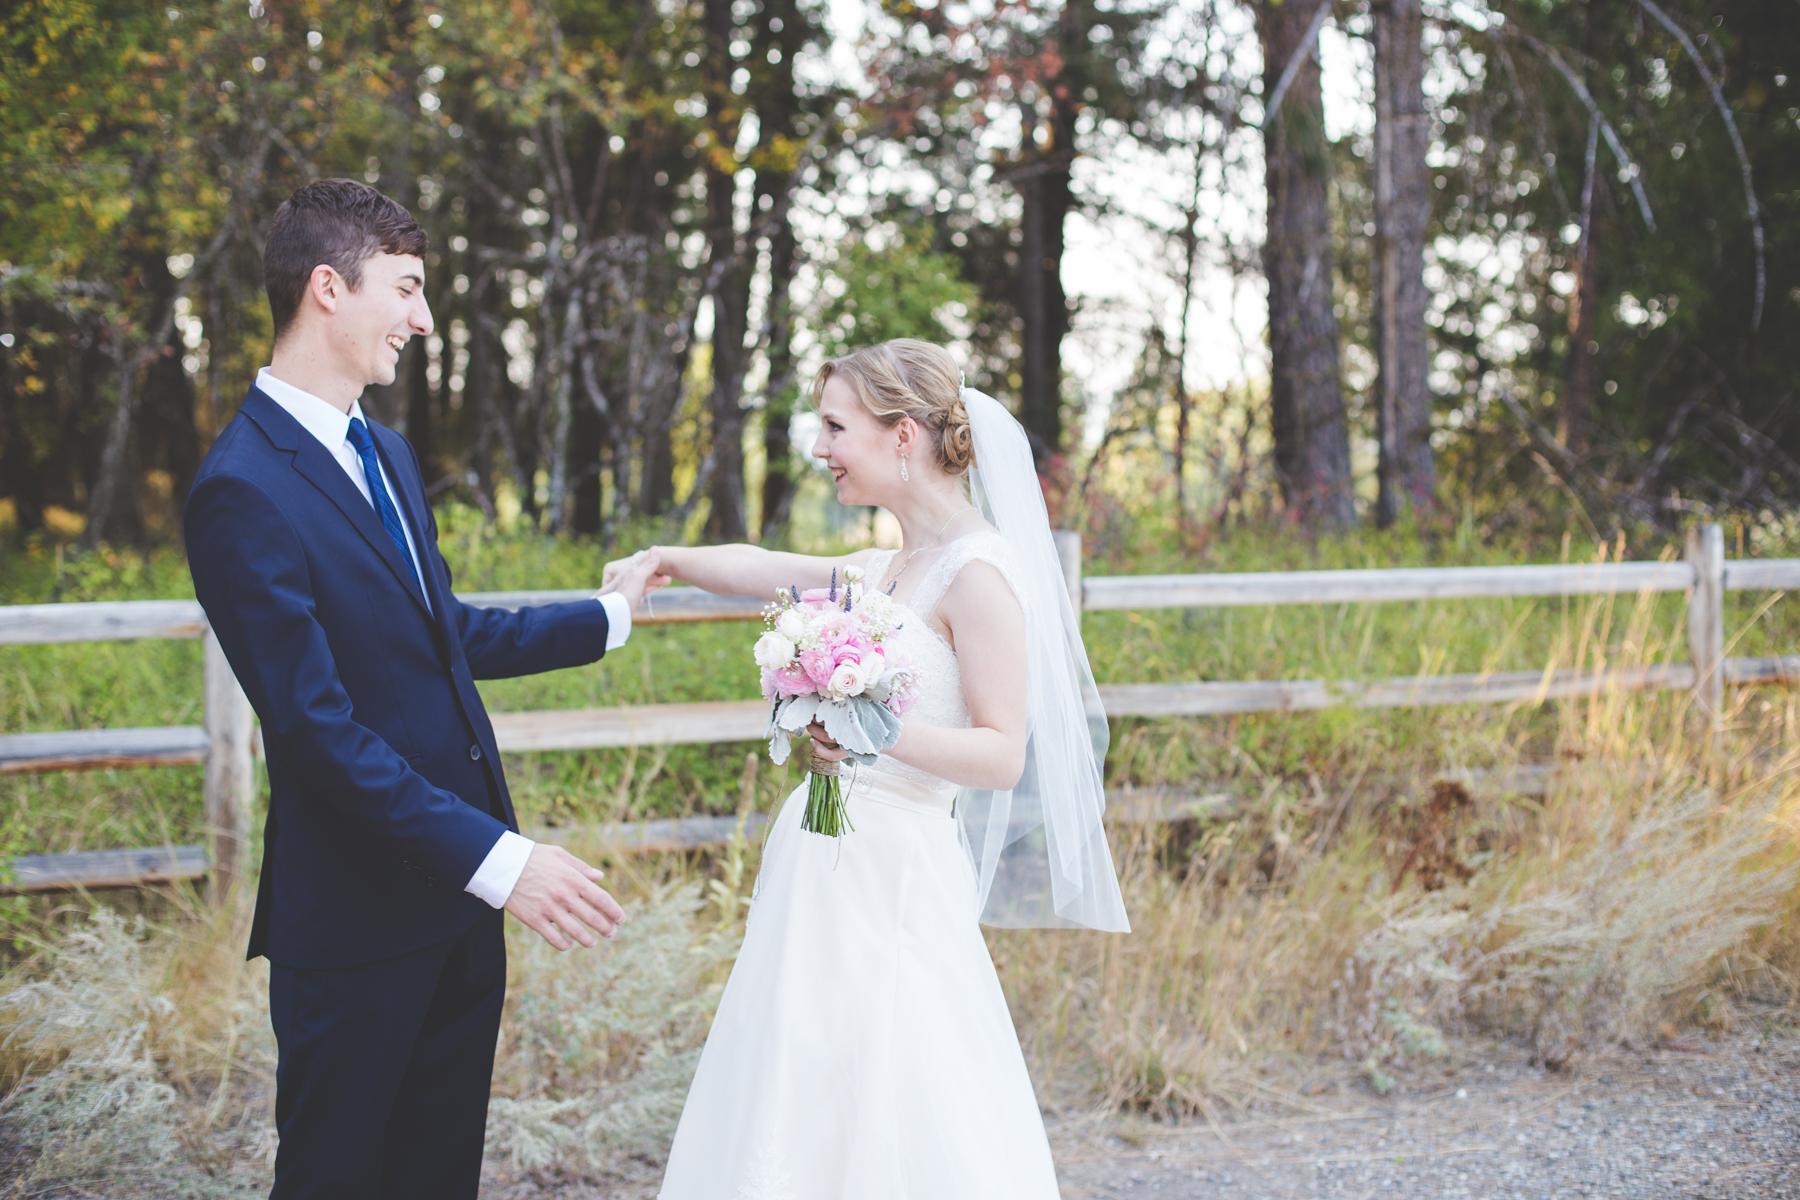 20150912-ryanandkariwedding1-483.jpg